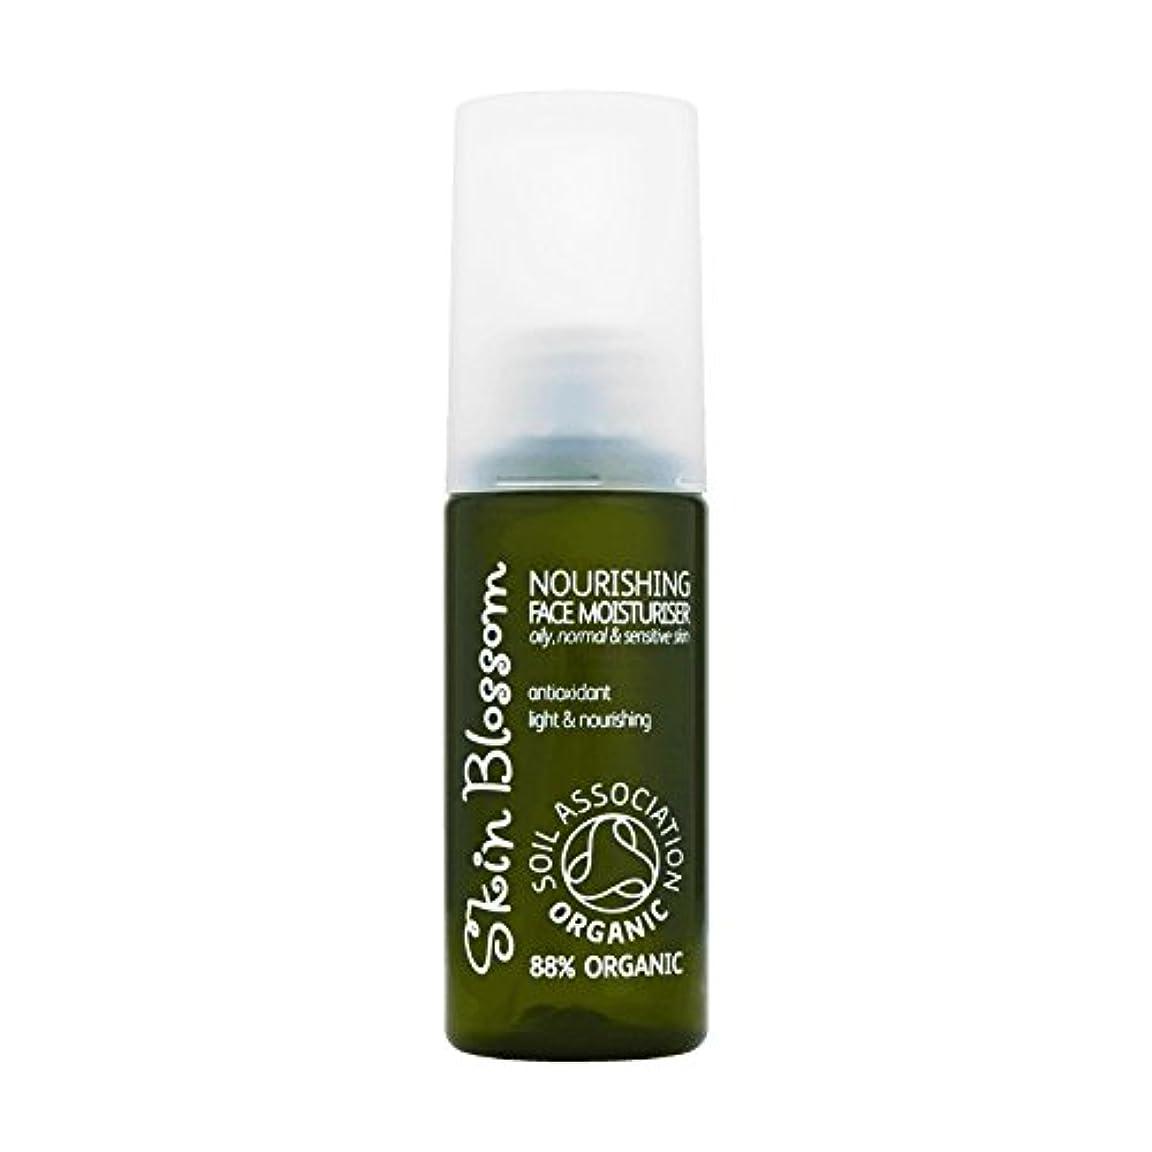 プログラム肺炎スポンサーSkin Blossom Nourishing Face Moisturiser 50ml (Pack of 6) - 皮膚の花栄養顔の保湿クリーム50Ml (x6) [並行輸入品]